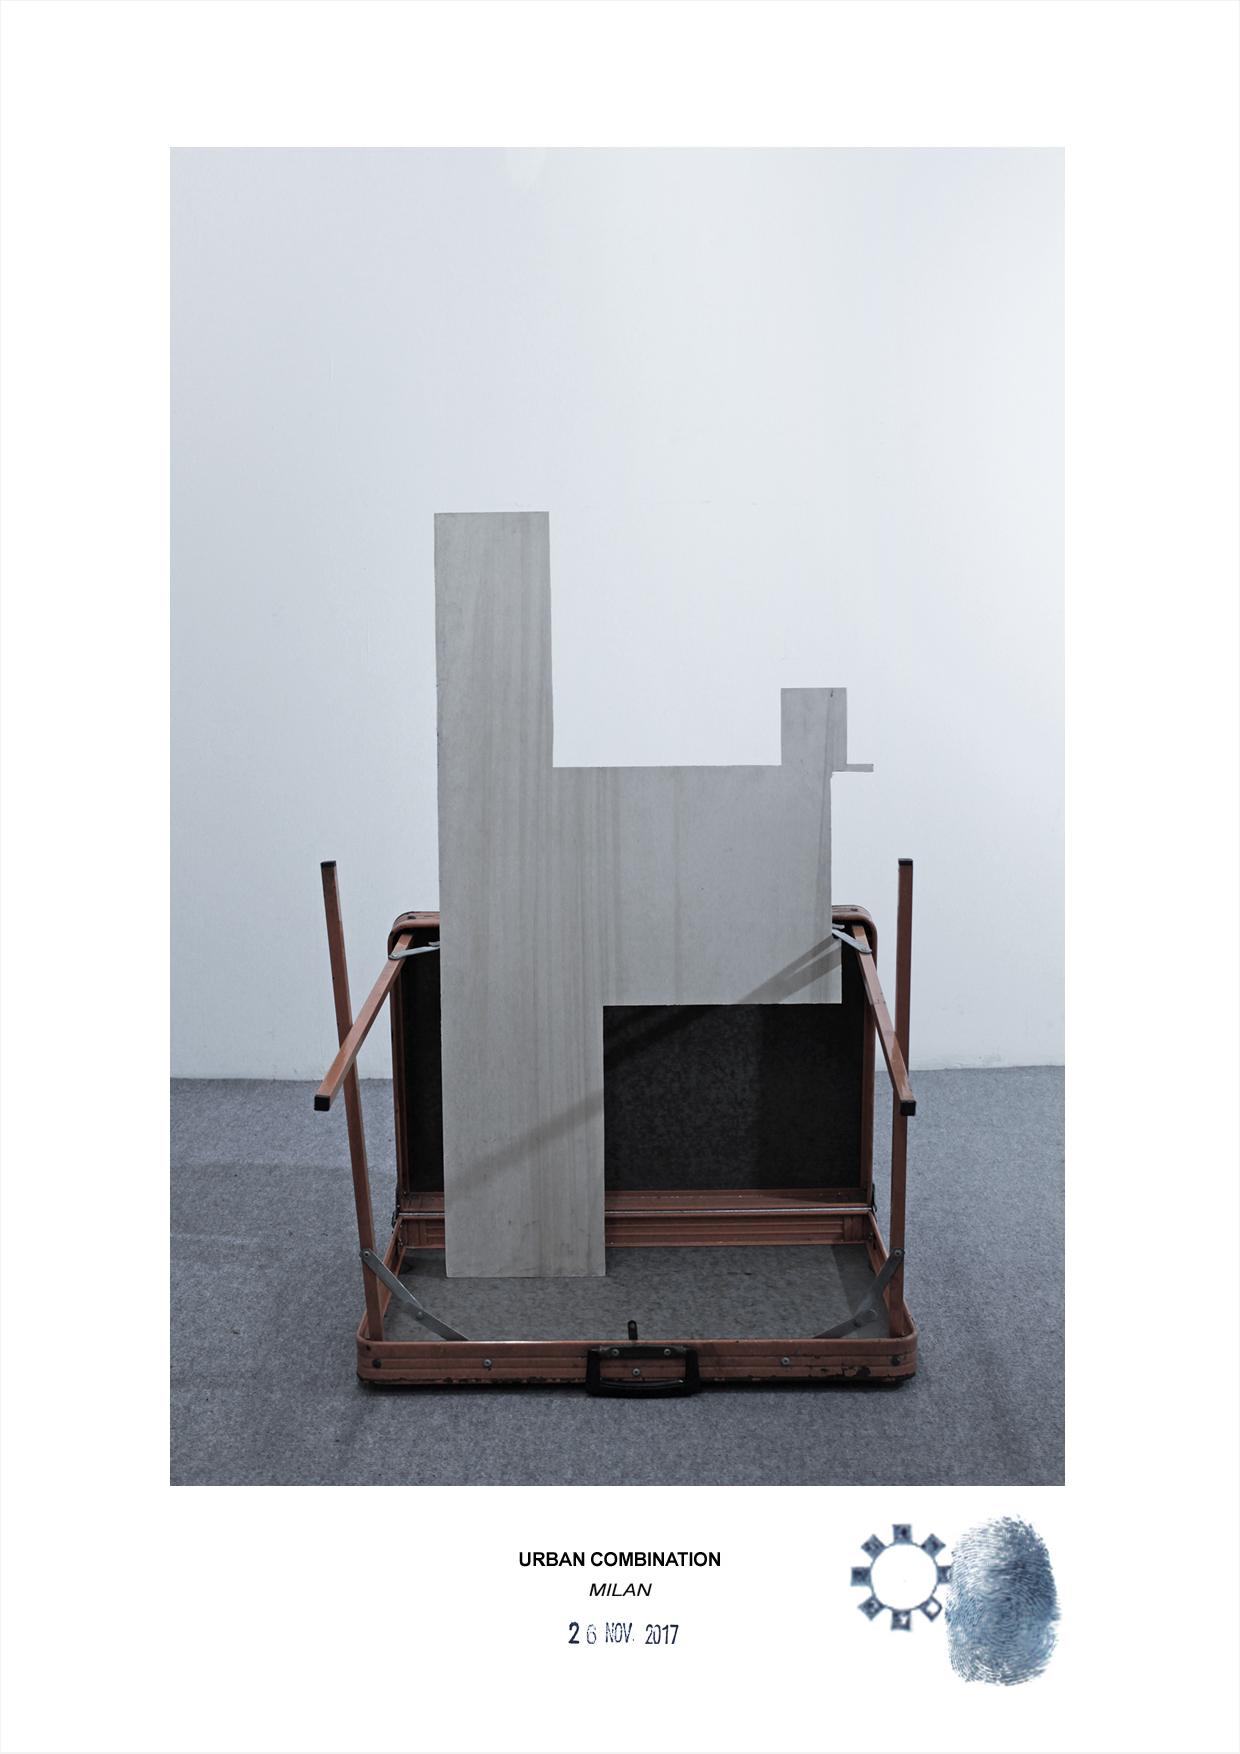 Arte contemporanea dell'artista Maurizio Di Feo. Combinazione in studio con tavolino richiudibile e compensato. Milano.